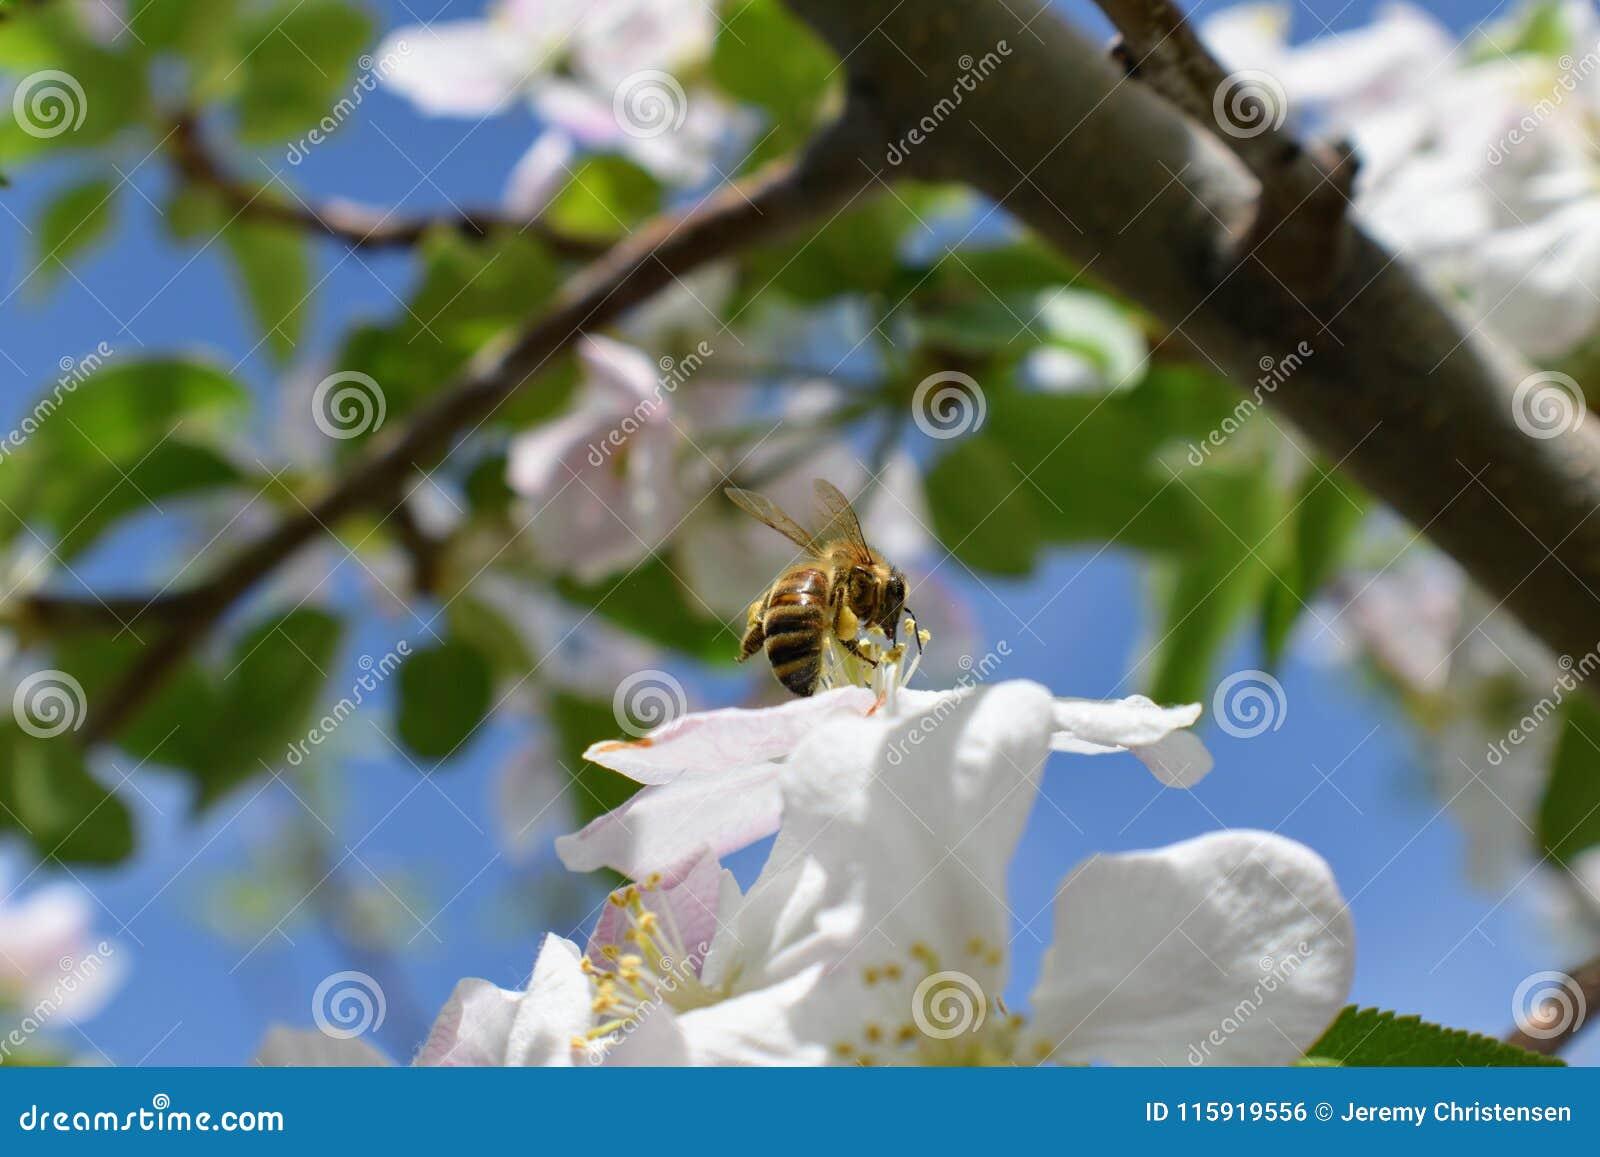 Honey Bee Macro i vår, den vita äppleblomningen blommar tätt upp, samlar biet pollen och nektar Knoppar för Apple träd, vårbackg